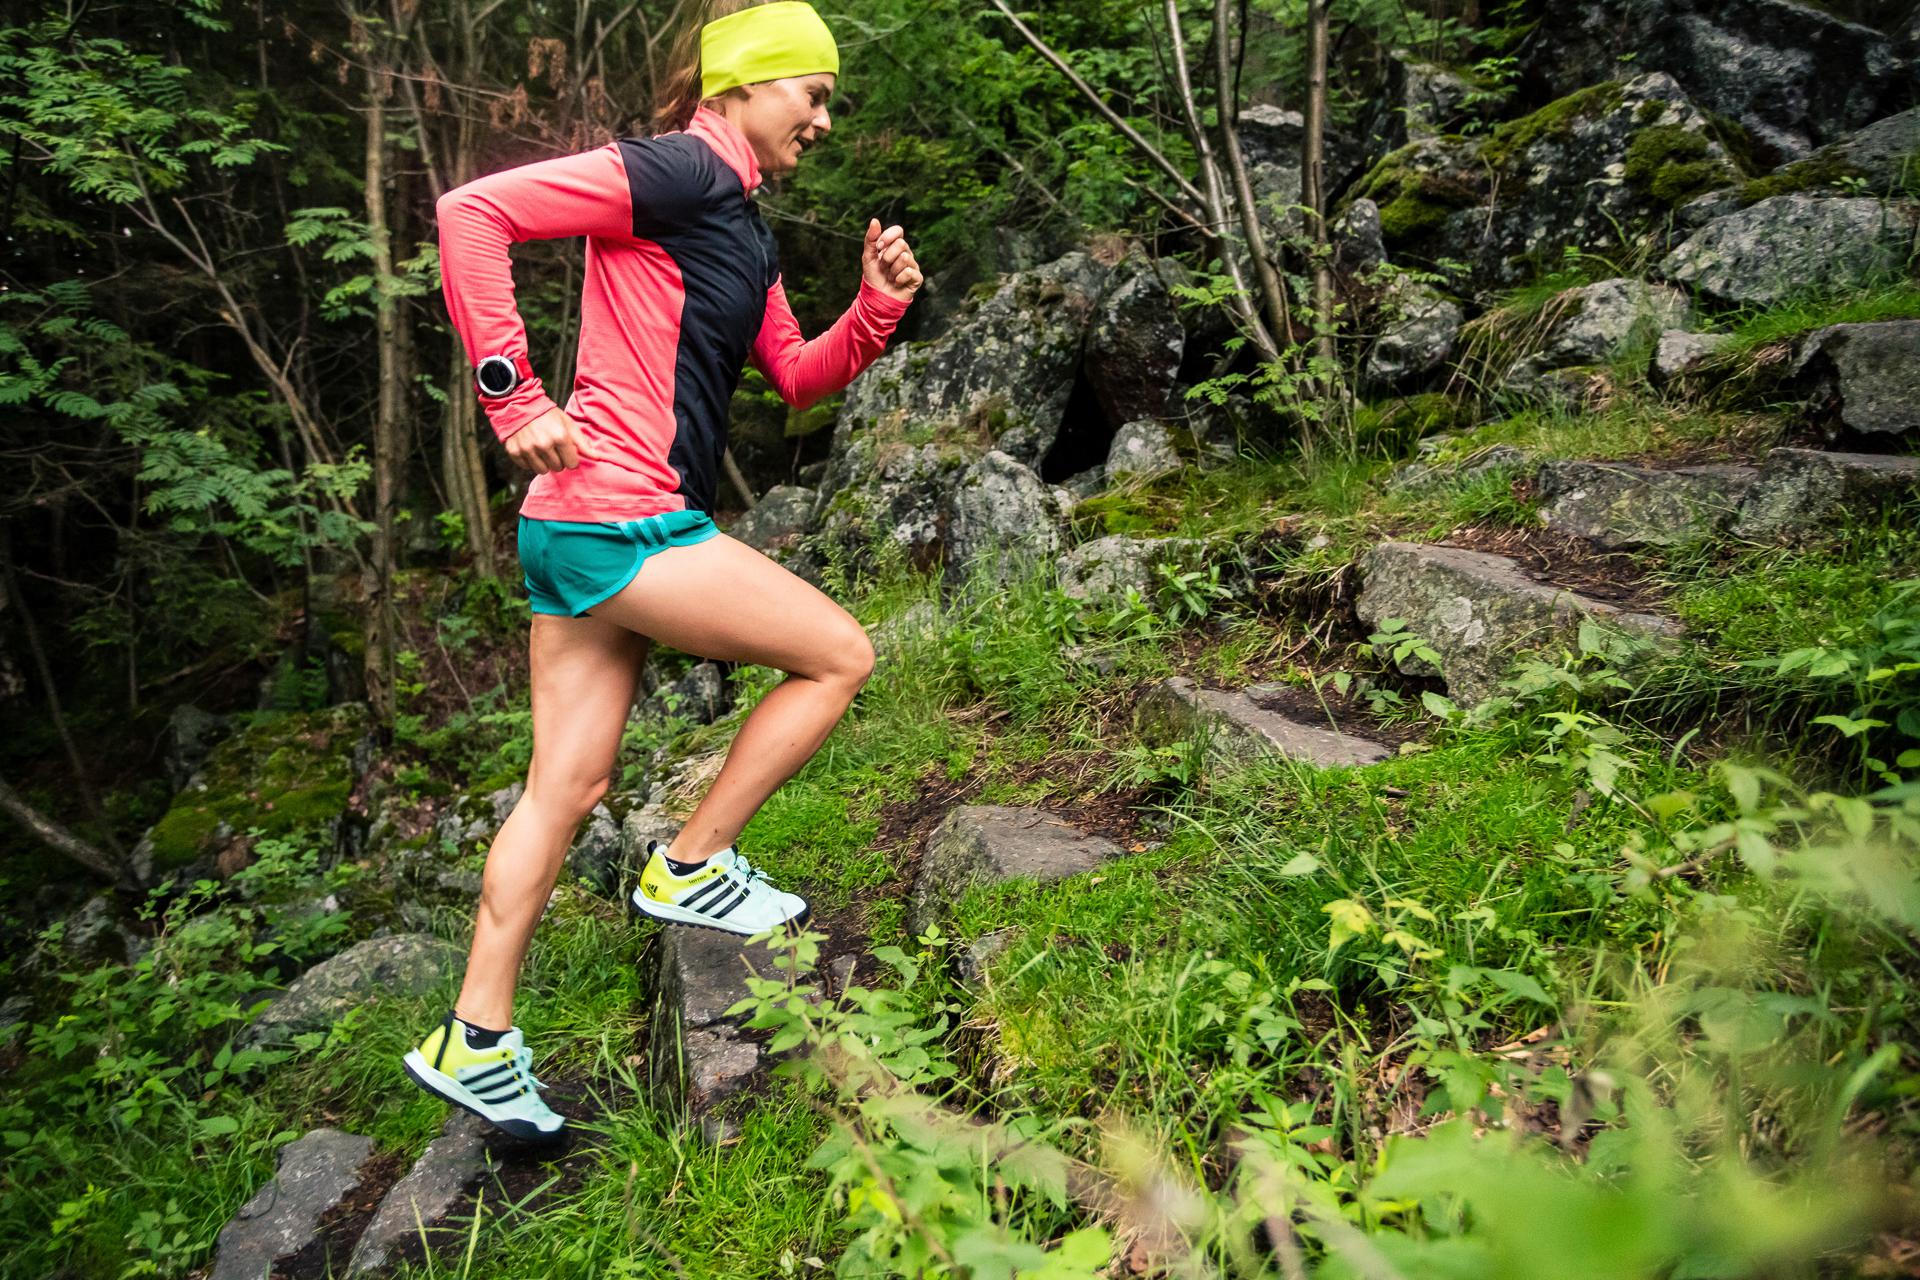 Biegaczka, Ślęża, trening, podbiegi, bieganie